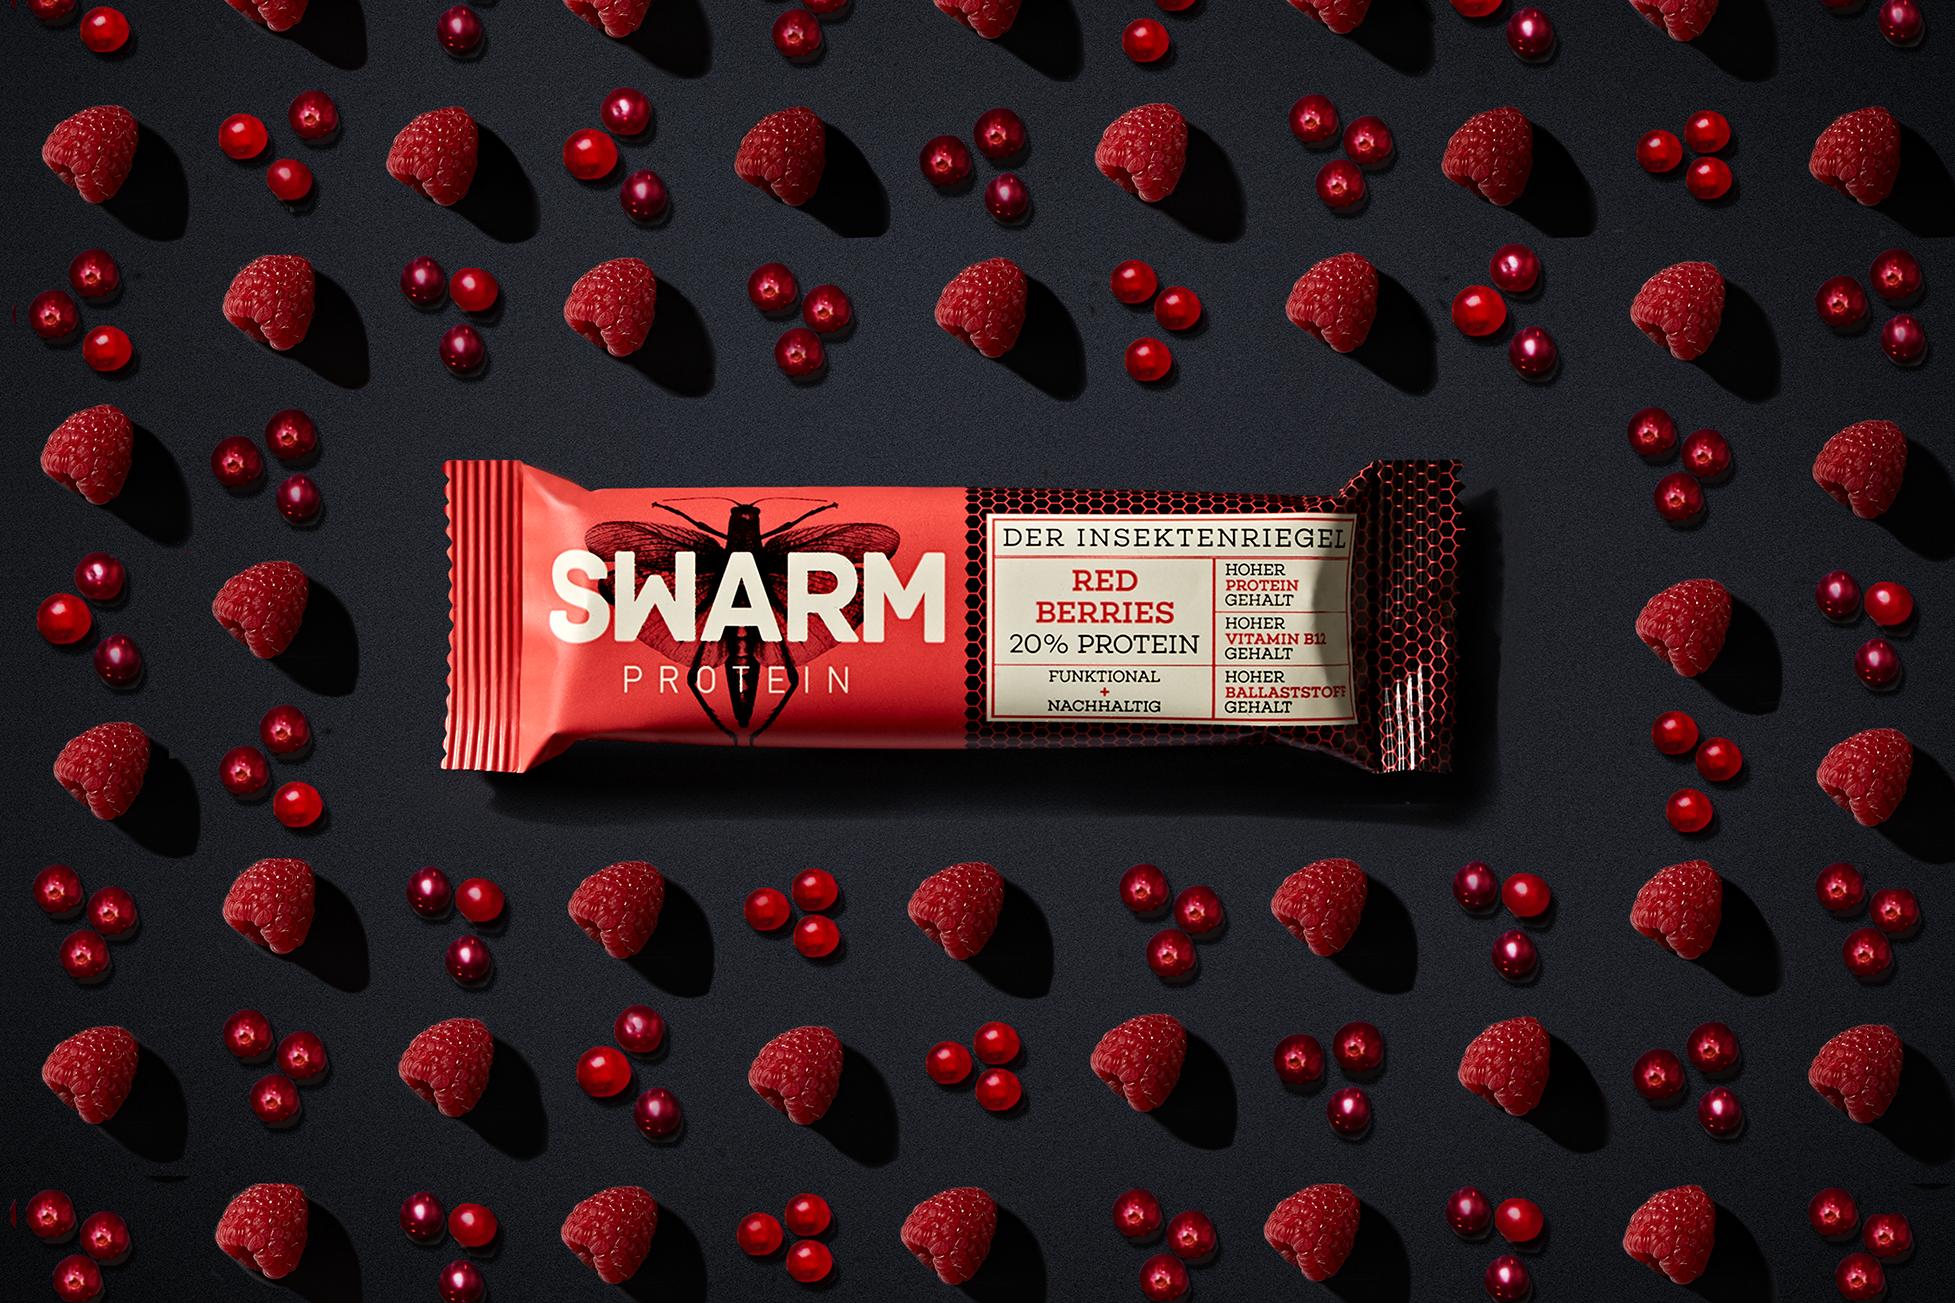 swarm_valentin_muehl_fotografie_stilllife_food_packshot_studio_set_6